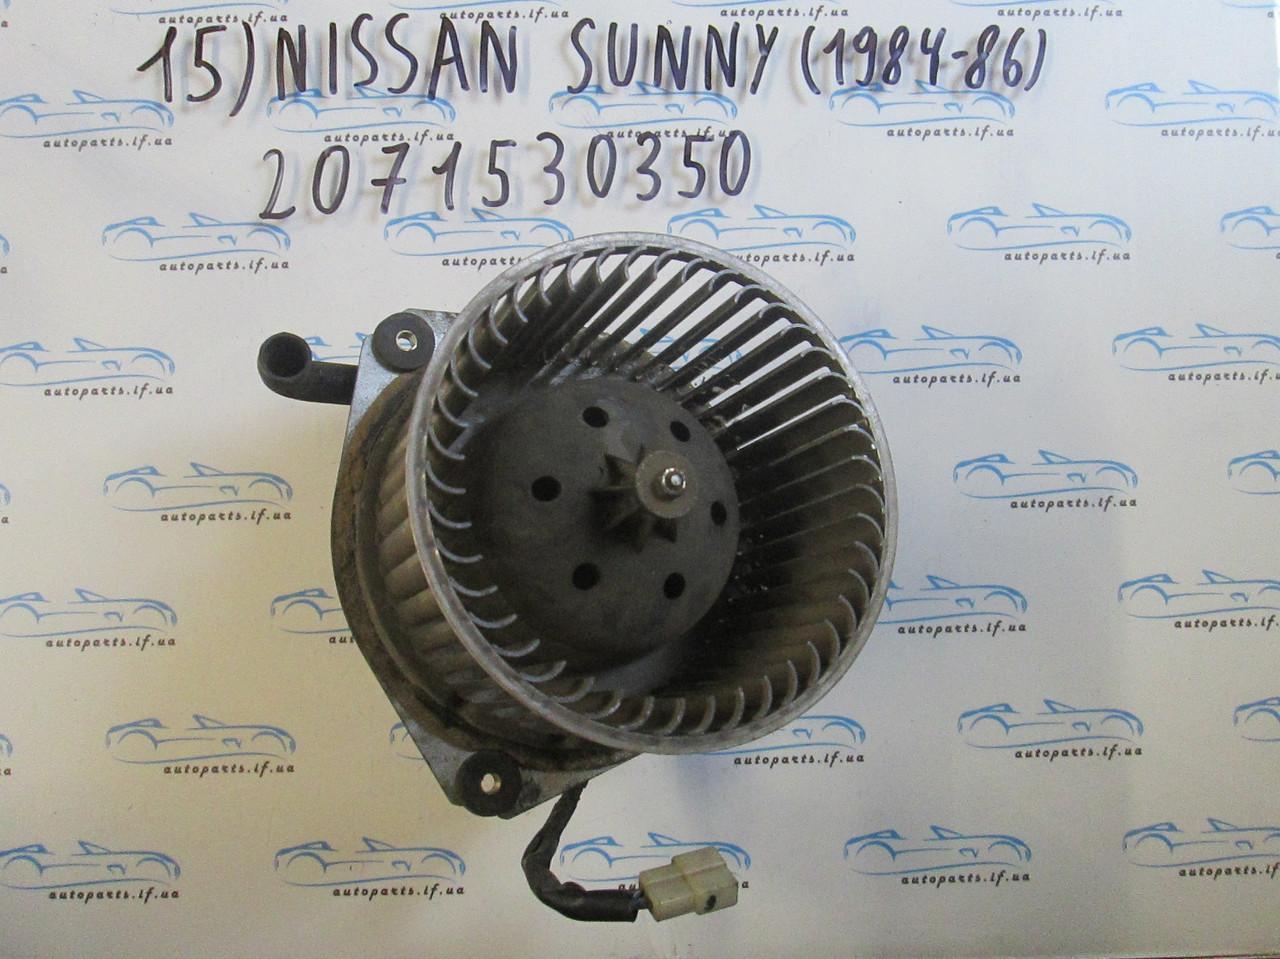 Вентилятор печки Nissan Sunny №15 2071530350